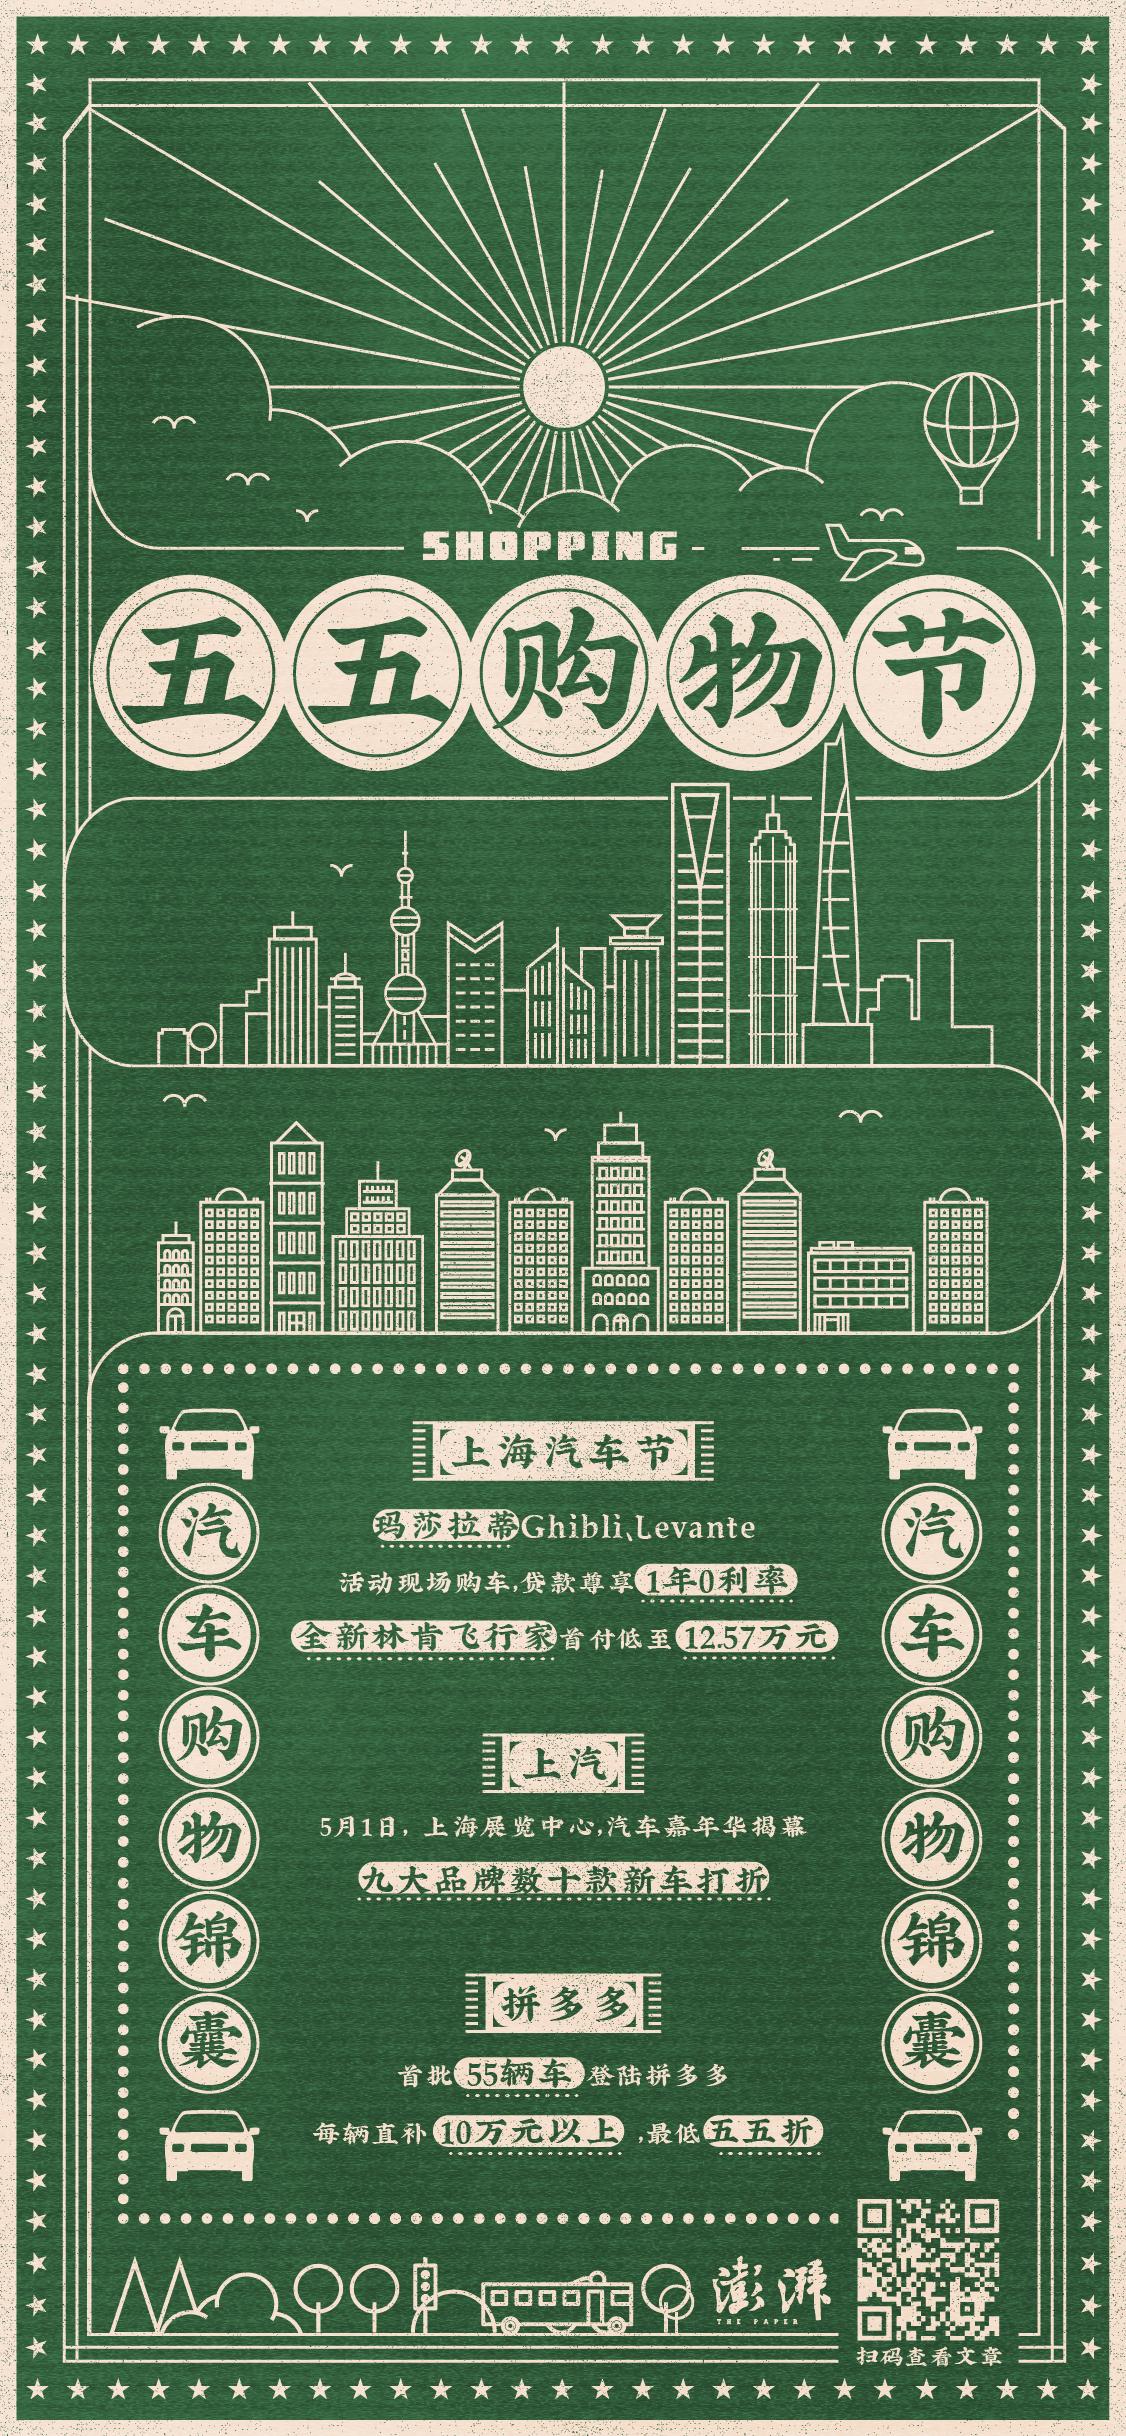 """购物锦囊 新品直降、五五折购车……汽车优惠""""挑战不可能"""""""